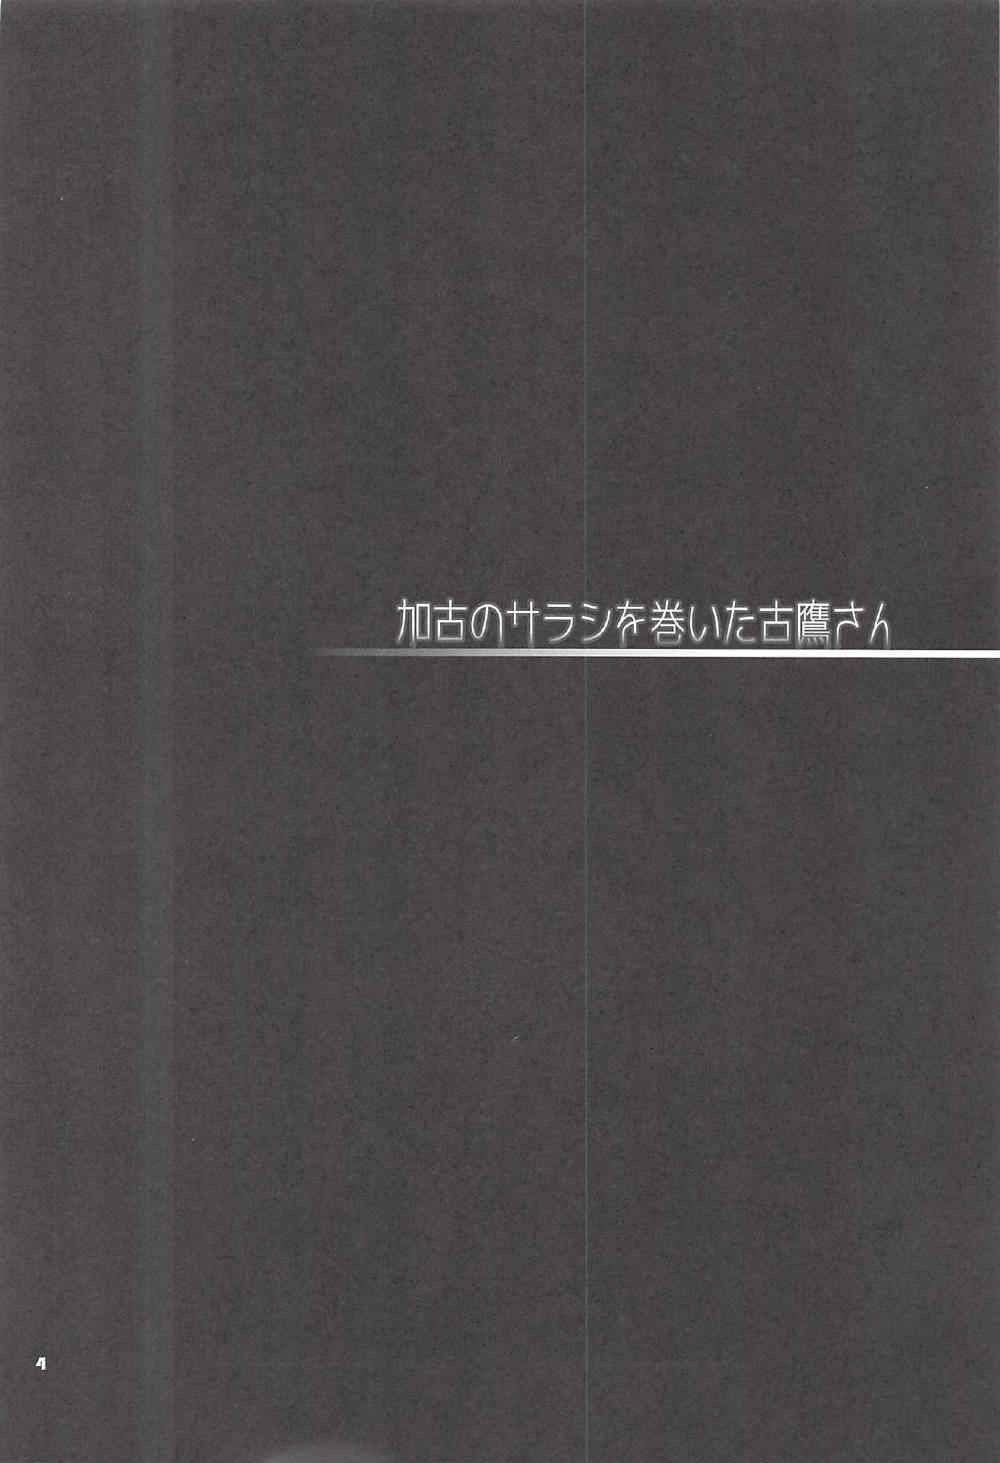 Kako no Sarashi o Maita Furutaka-san 2